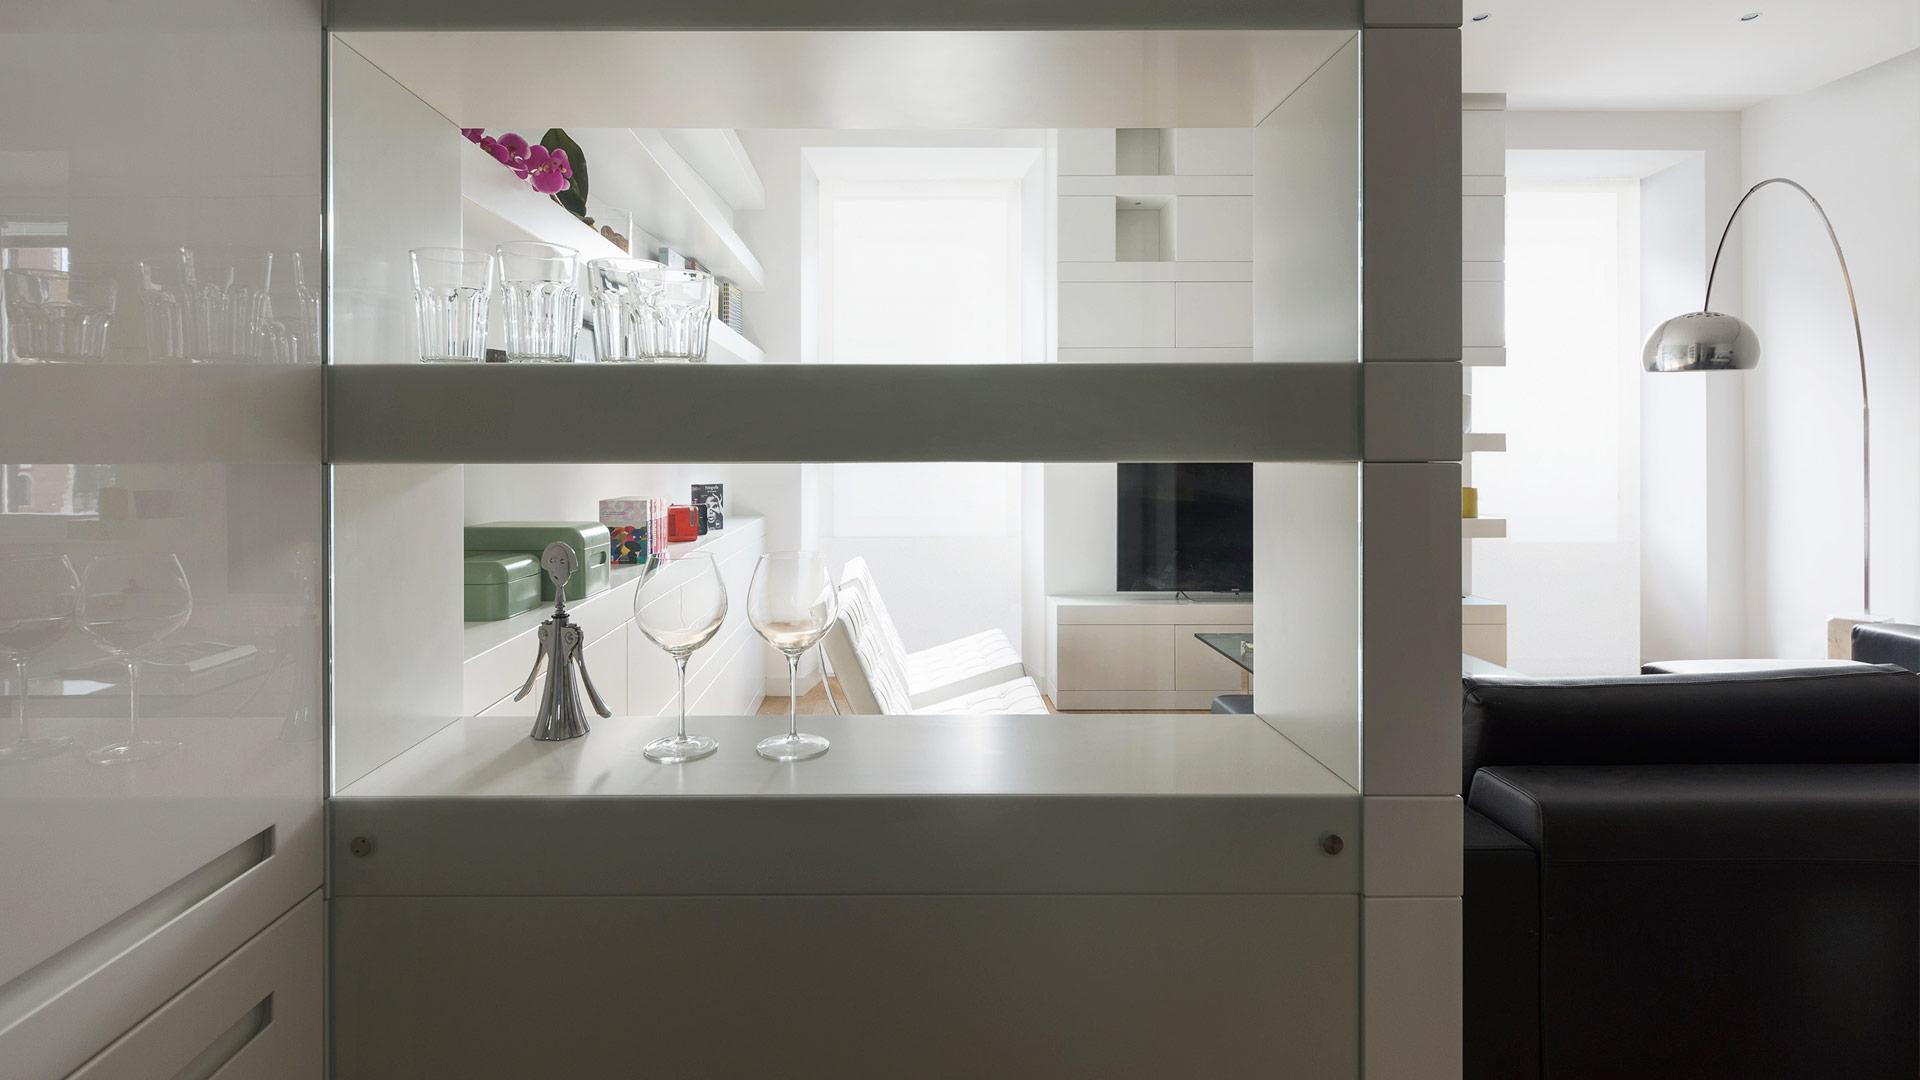 Progetto Contract Interior Design appartamento privato Roma - Area-contract-Cicchetti-07